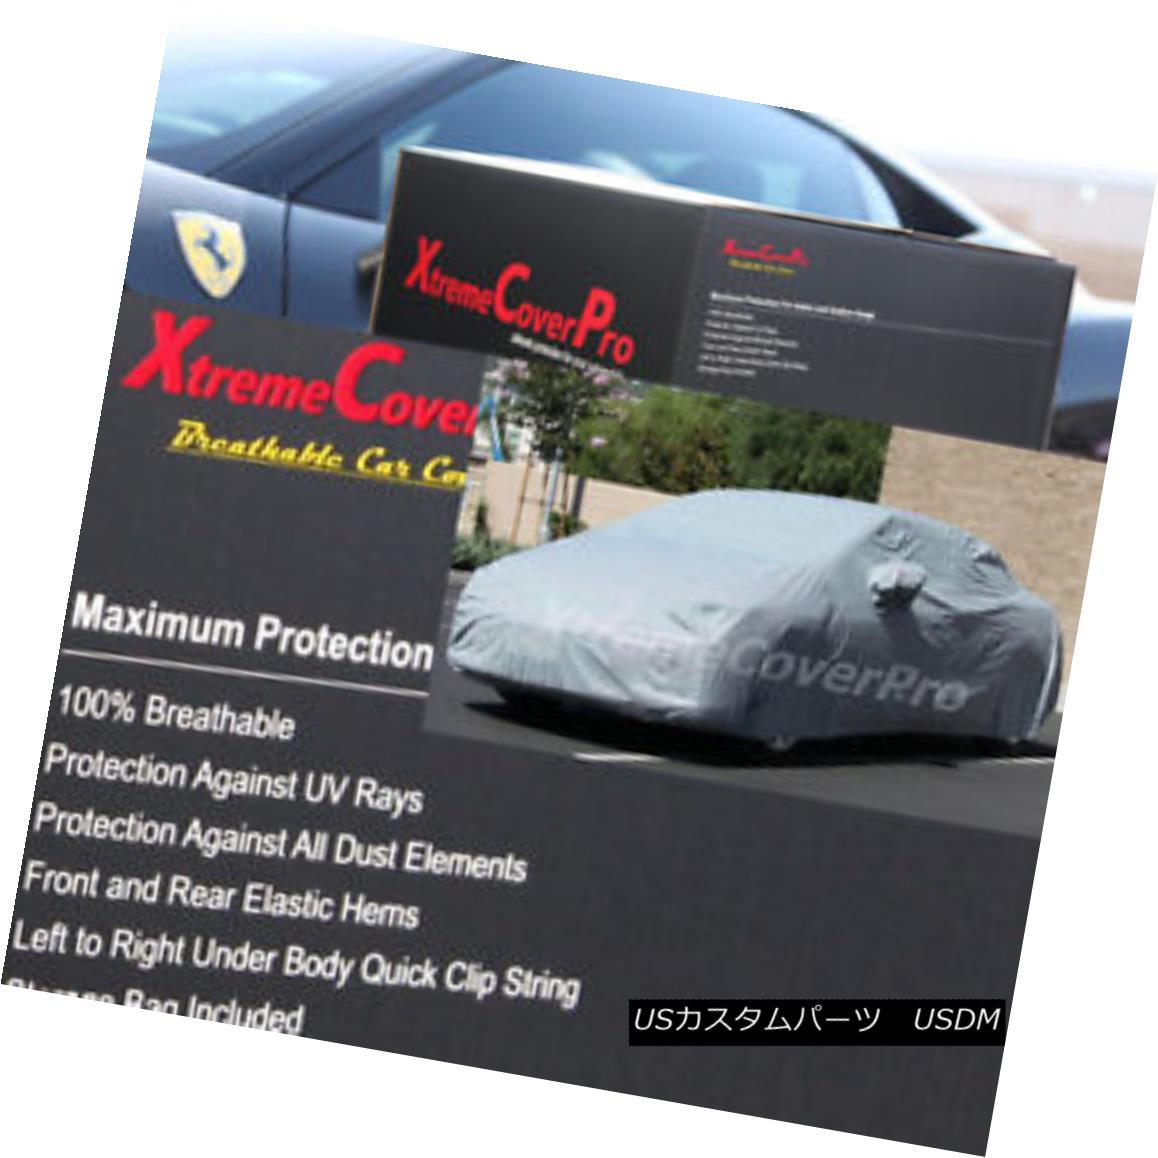 カーカバー 1990 1991 Mercedes-Benz 350SD 350SDL Breathable Car Cover w/MirrorPocket 1990 1991メルセデスベンツ350SD 350SDL通気性車カバー付き/ MirrorPocket